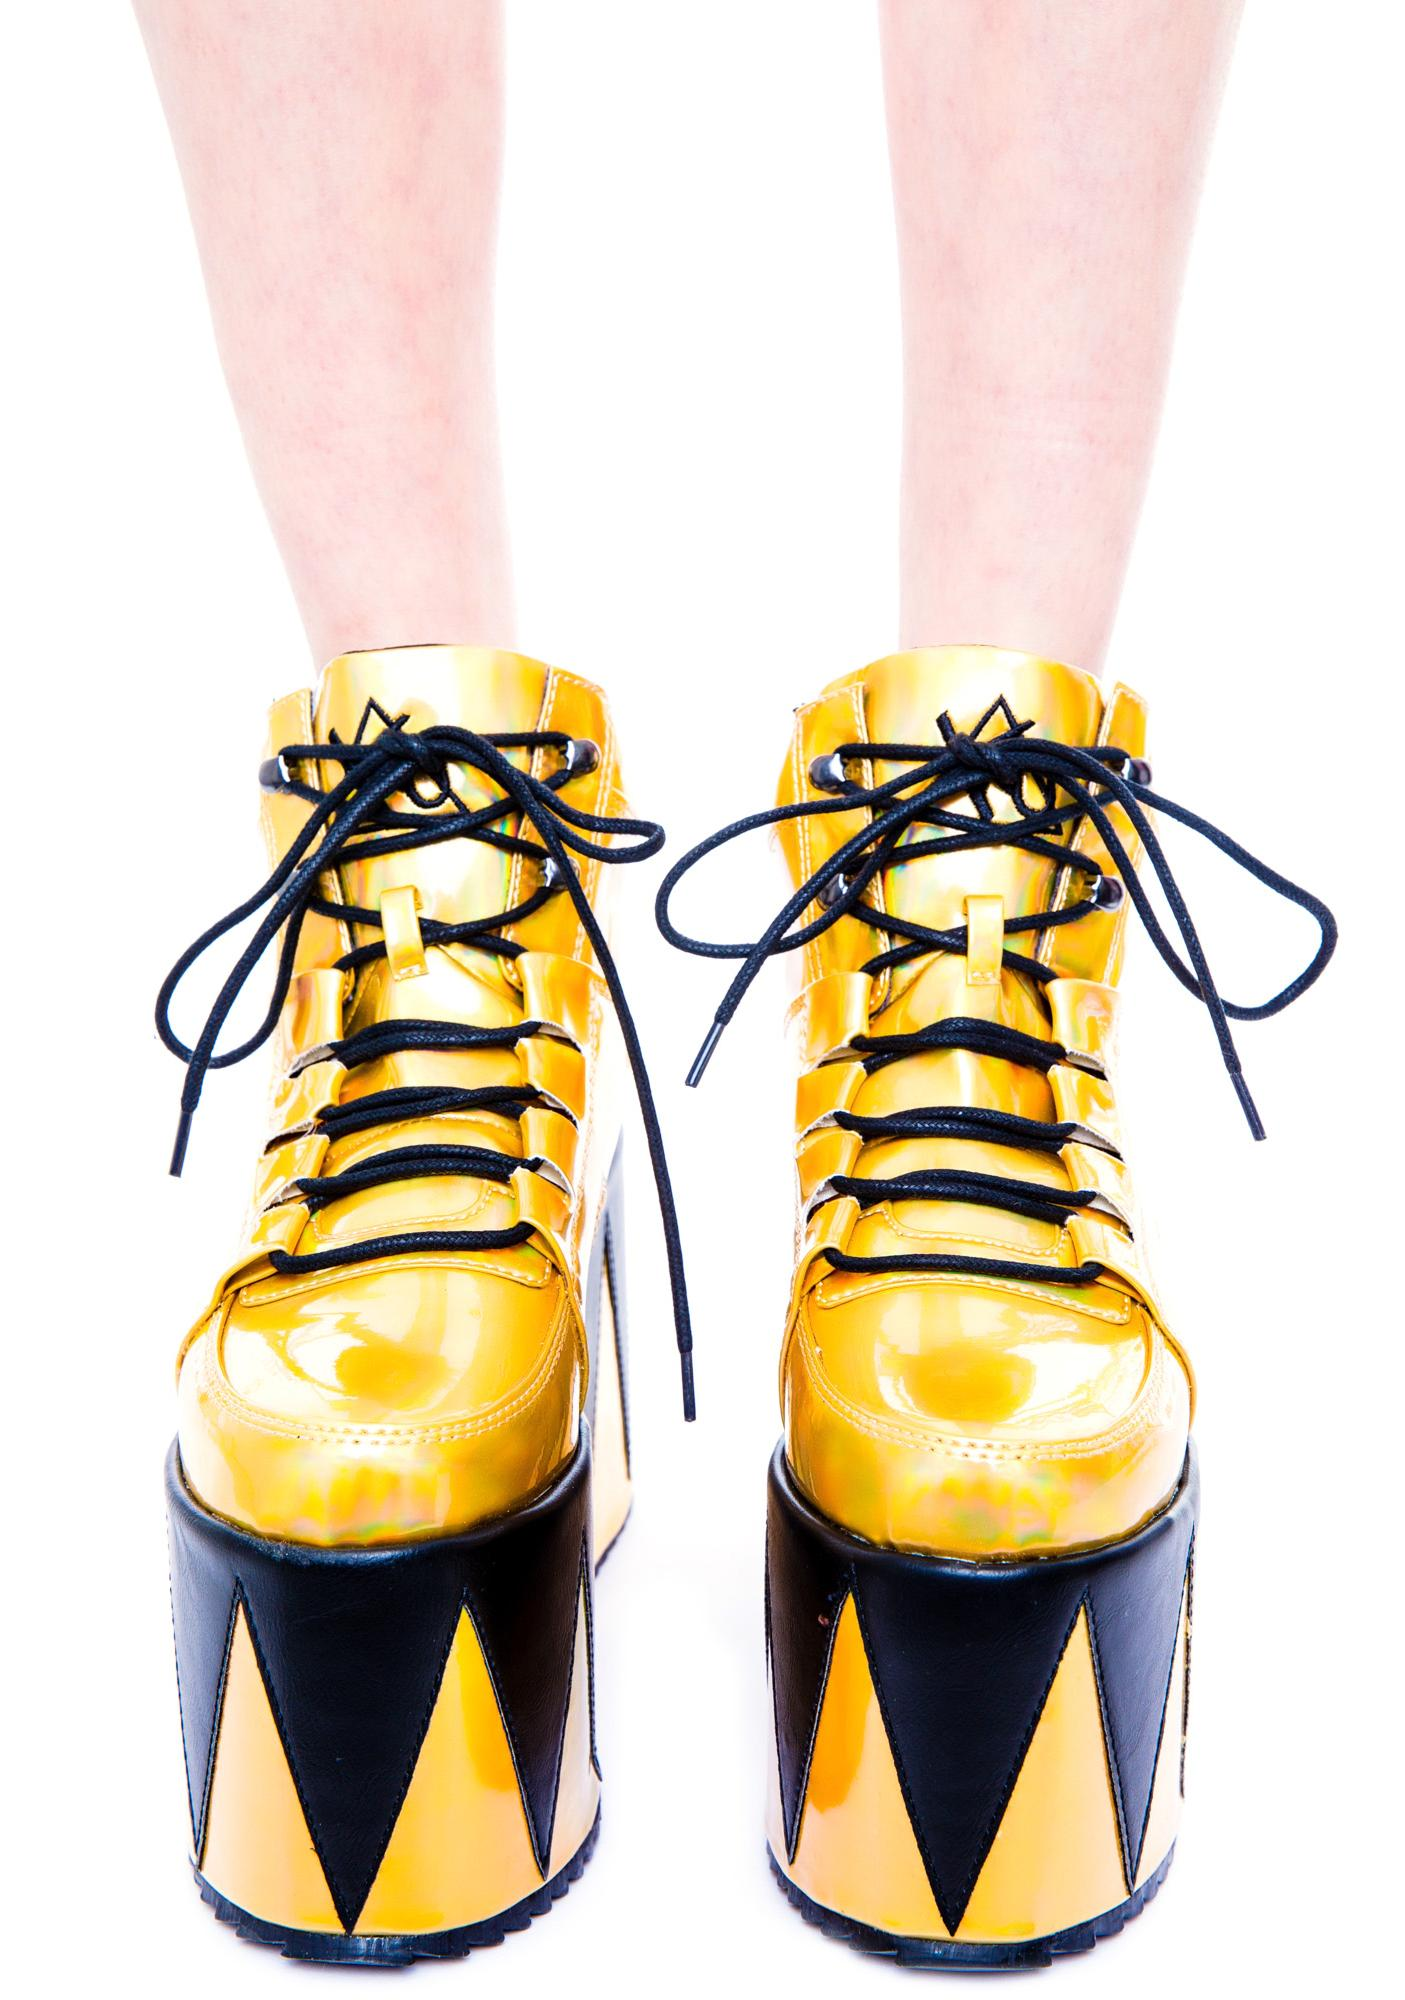 fb7ca427c4 Y.R.U. Qozmopolitan Platform Shoes · Y.R.U. Qozmopolitan Platform Shoes ...